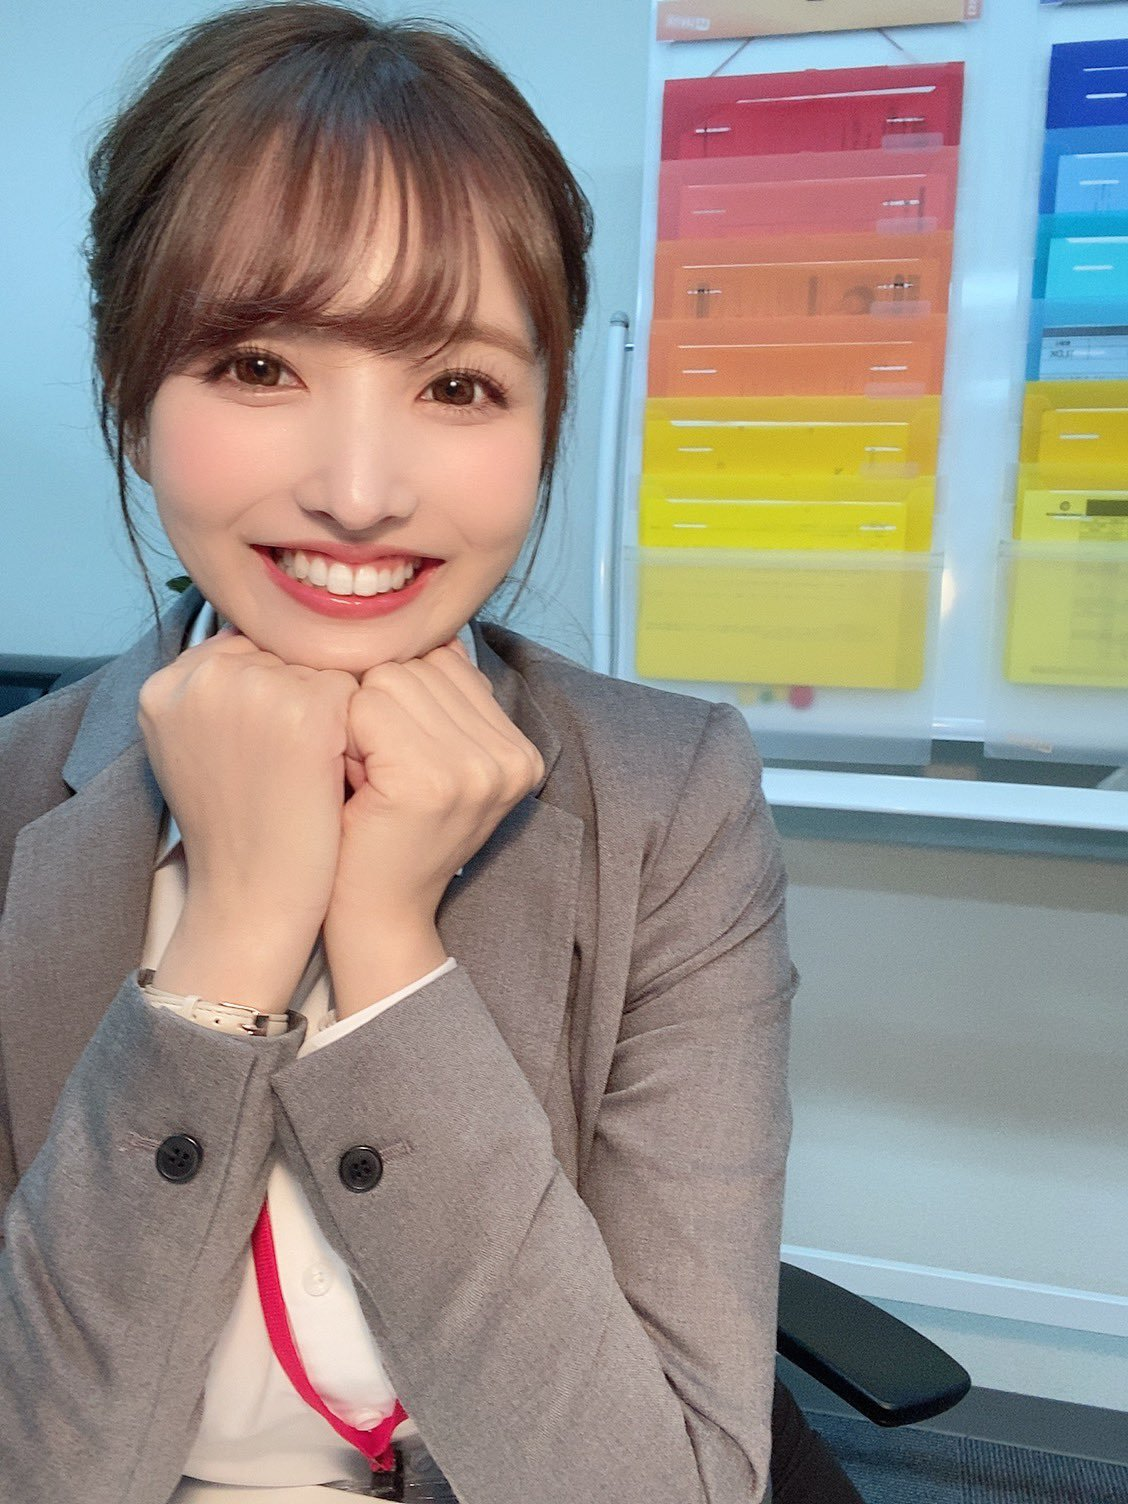 yua_mikami 1272754330941063169_p2